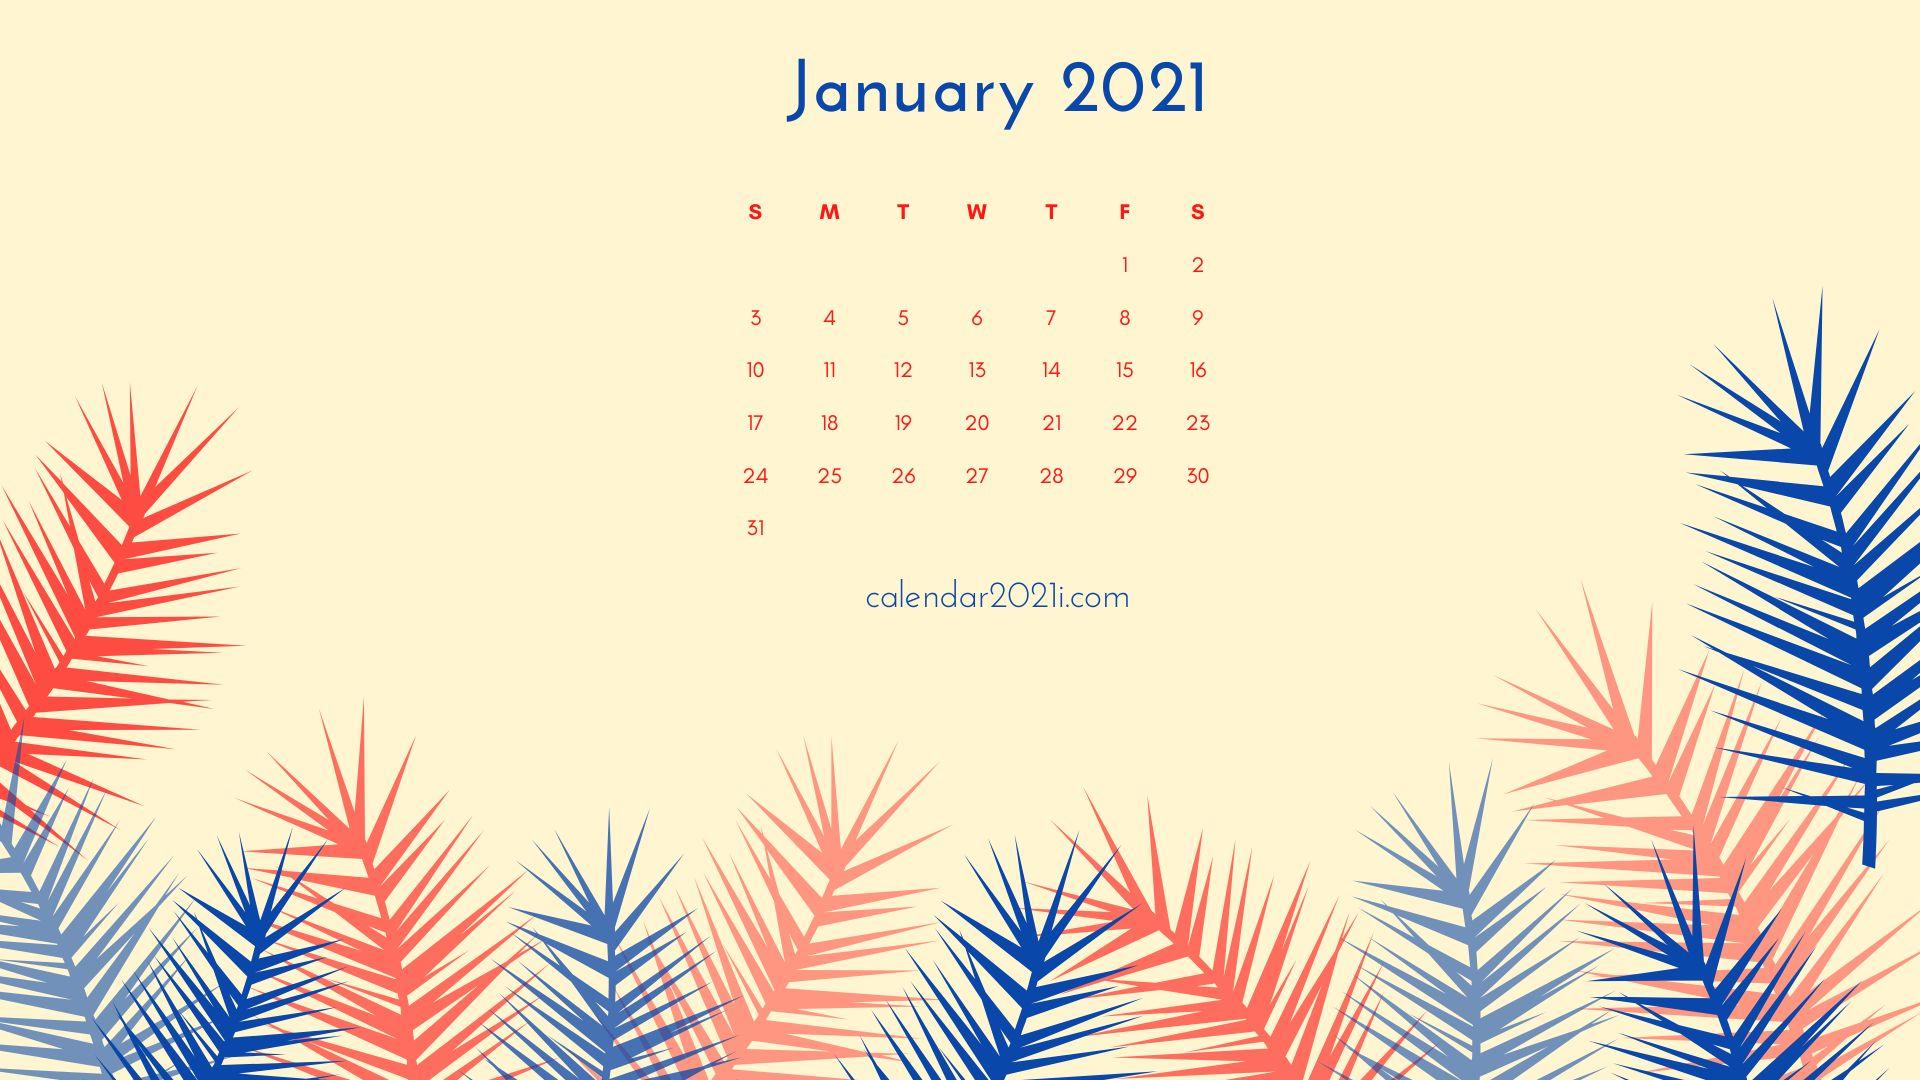 2021 Calendar HD Wallpapers Calendar 2021 1920x1080